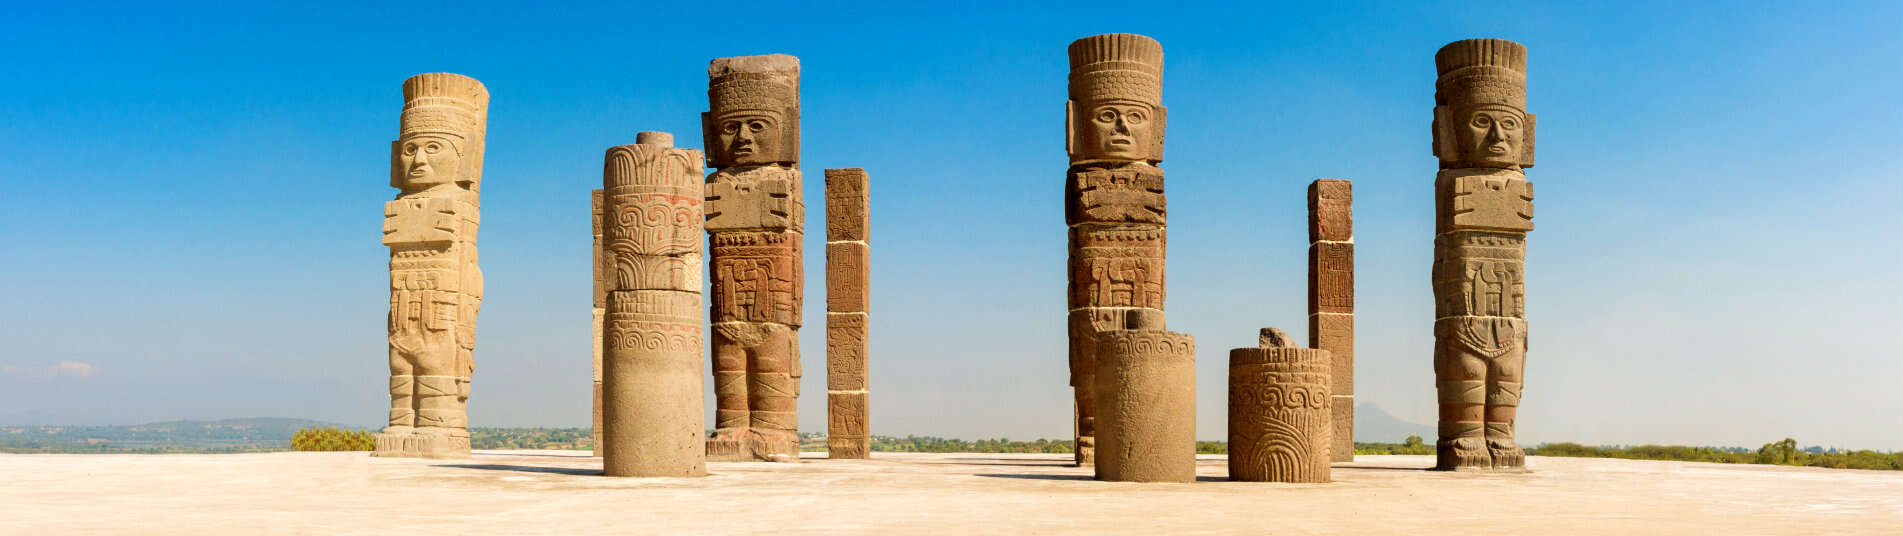 Site archéologique de Tula au Mexique